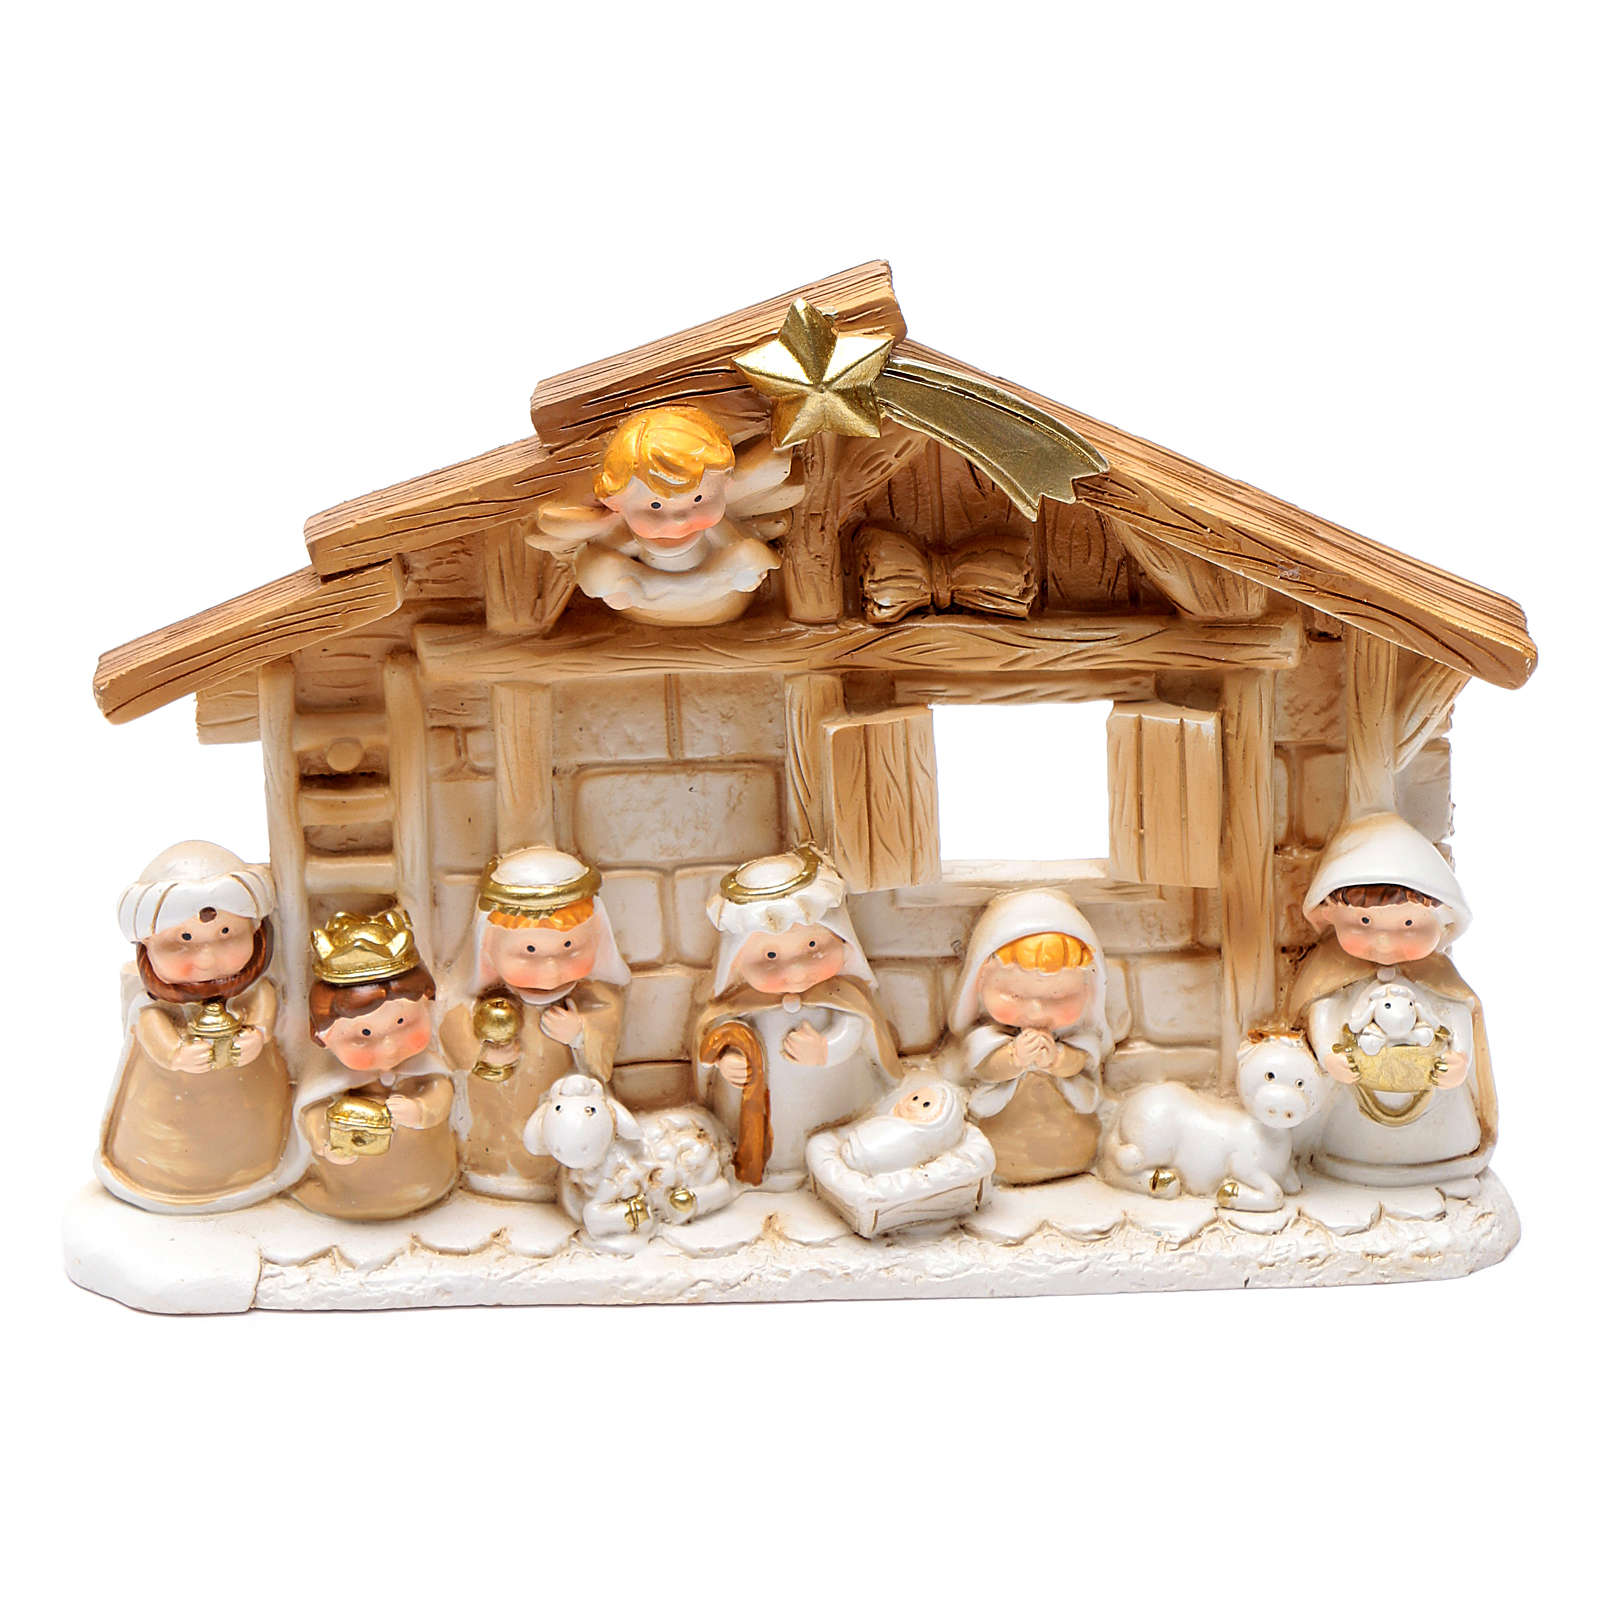 Resin hut for nativity scene 10x15 cm 4